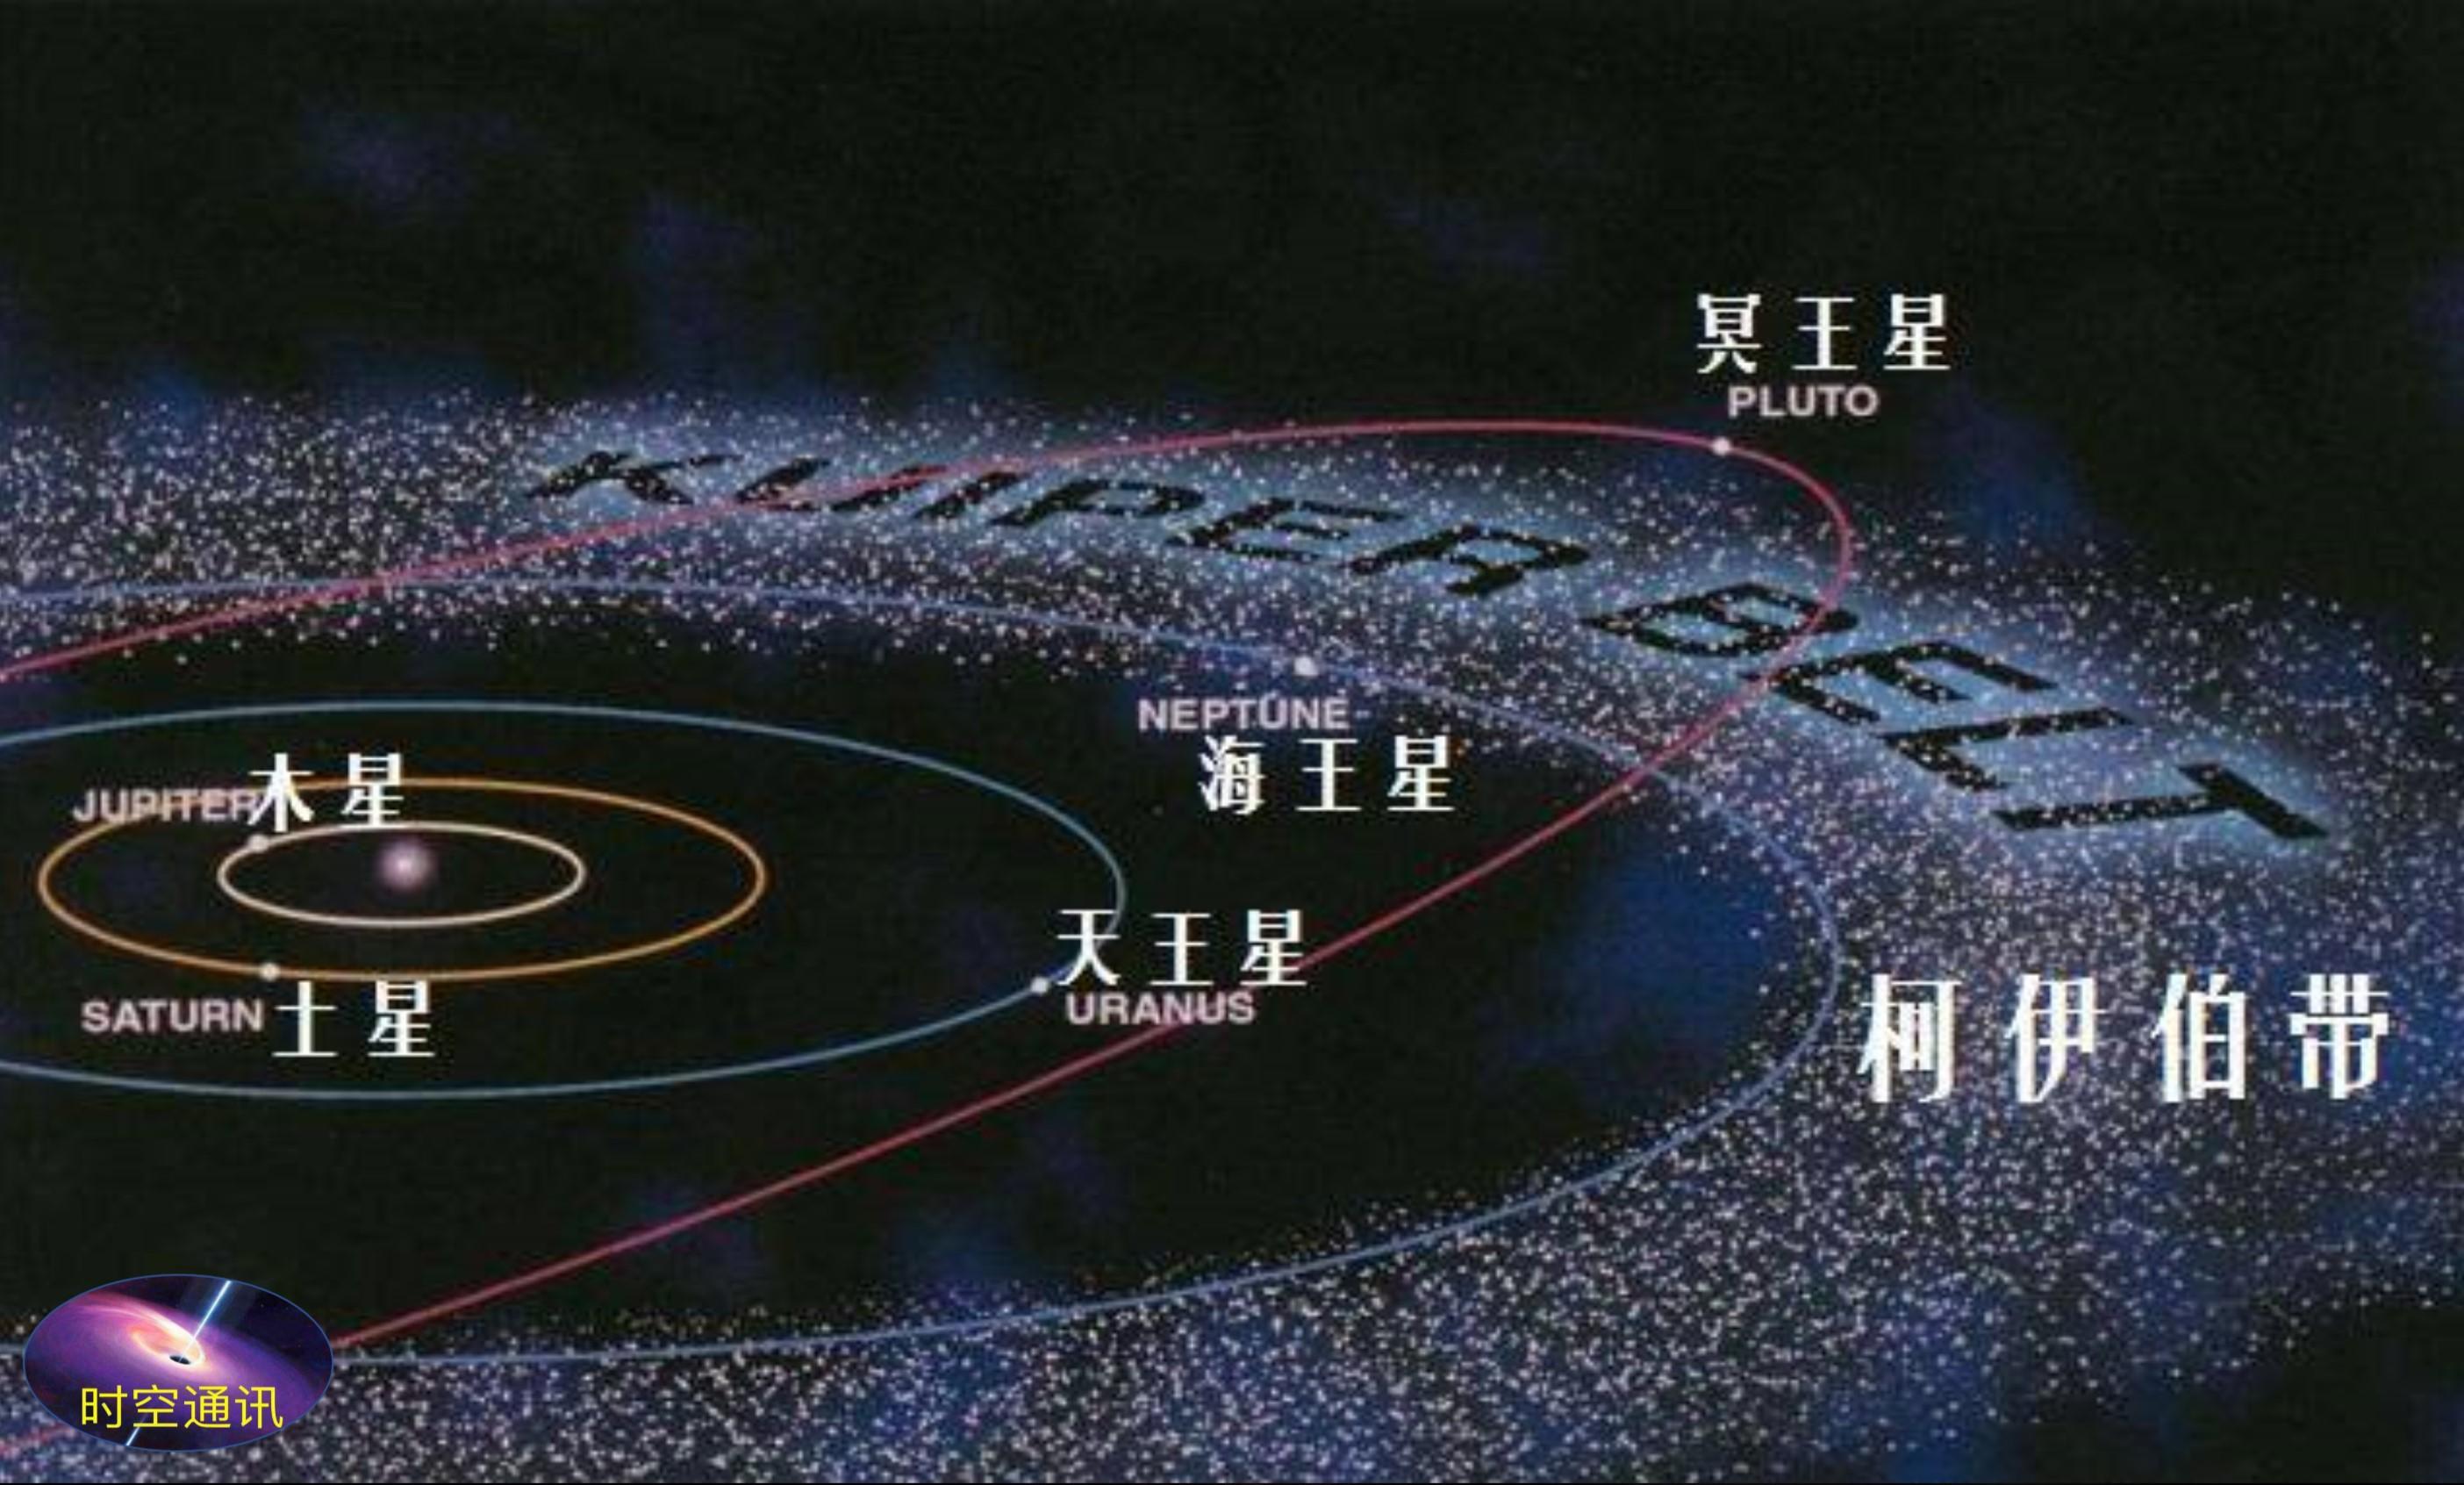 """冥王星做了个""""鸡头"""",还愿意回到太阳系大行星队伍里来吗?"""